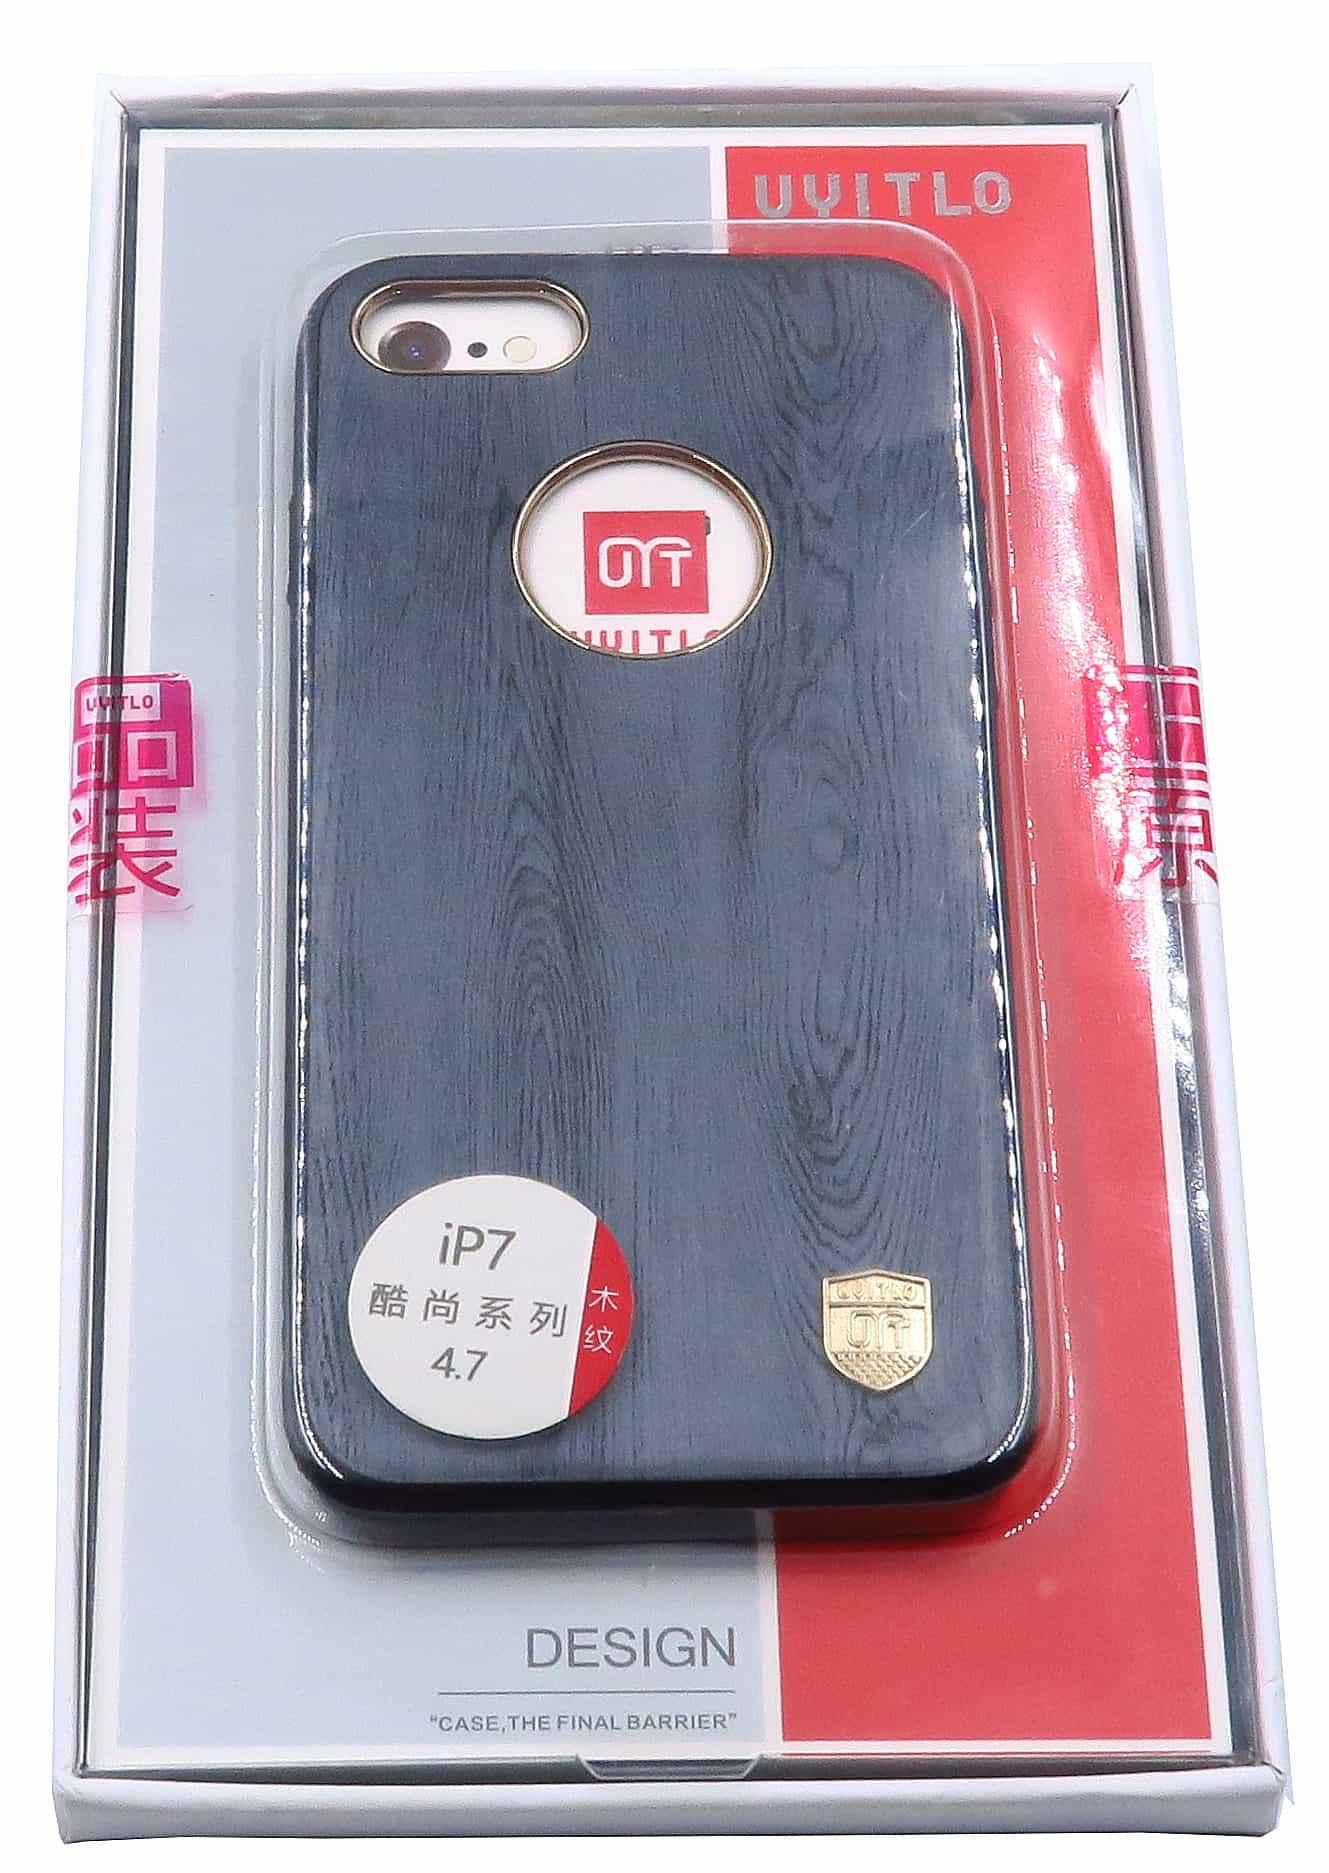 husa uyitlo wood iphone 7  (1).JPG